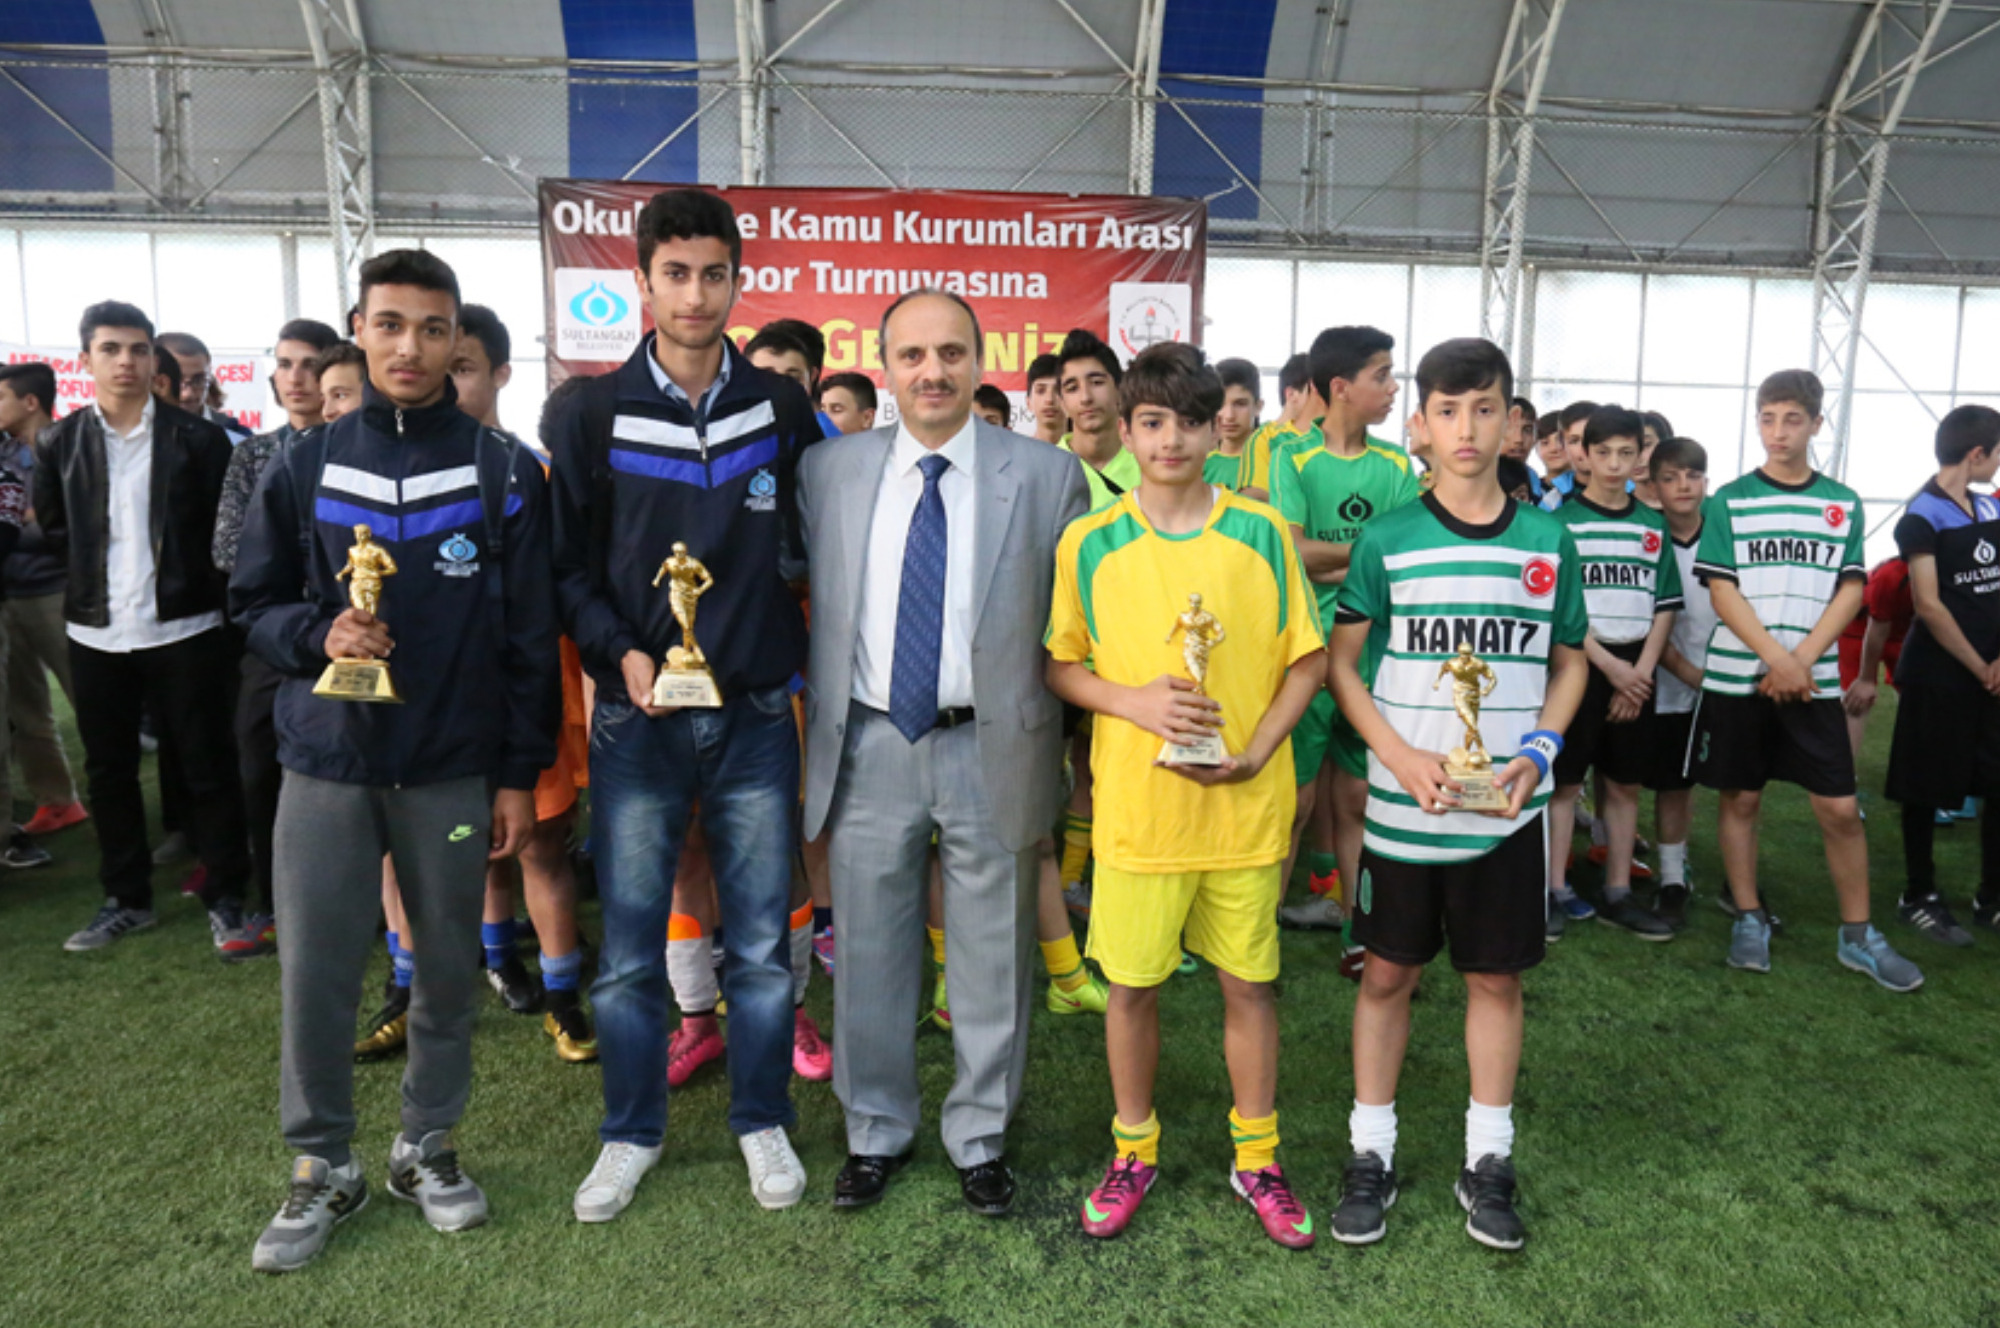 Okullararası Spor Turnuvası